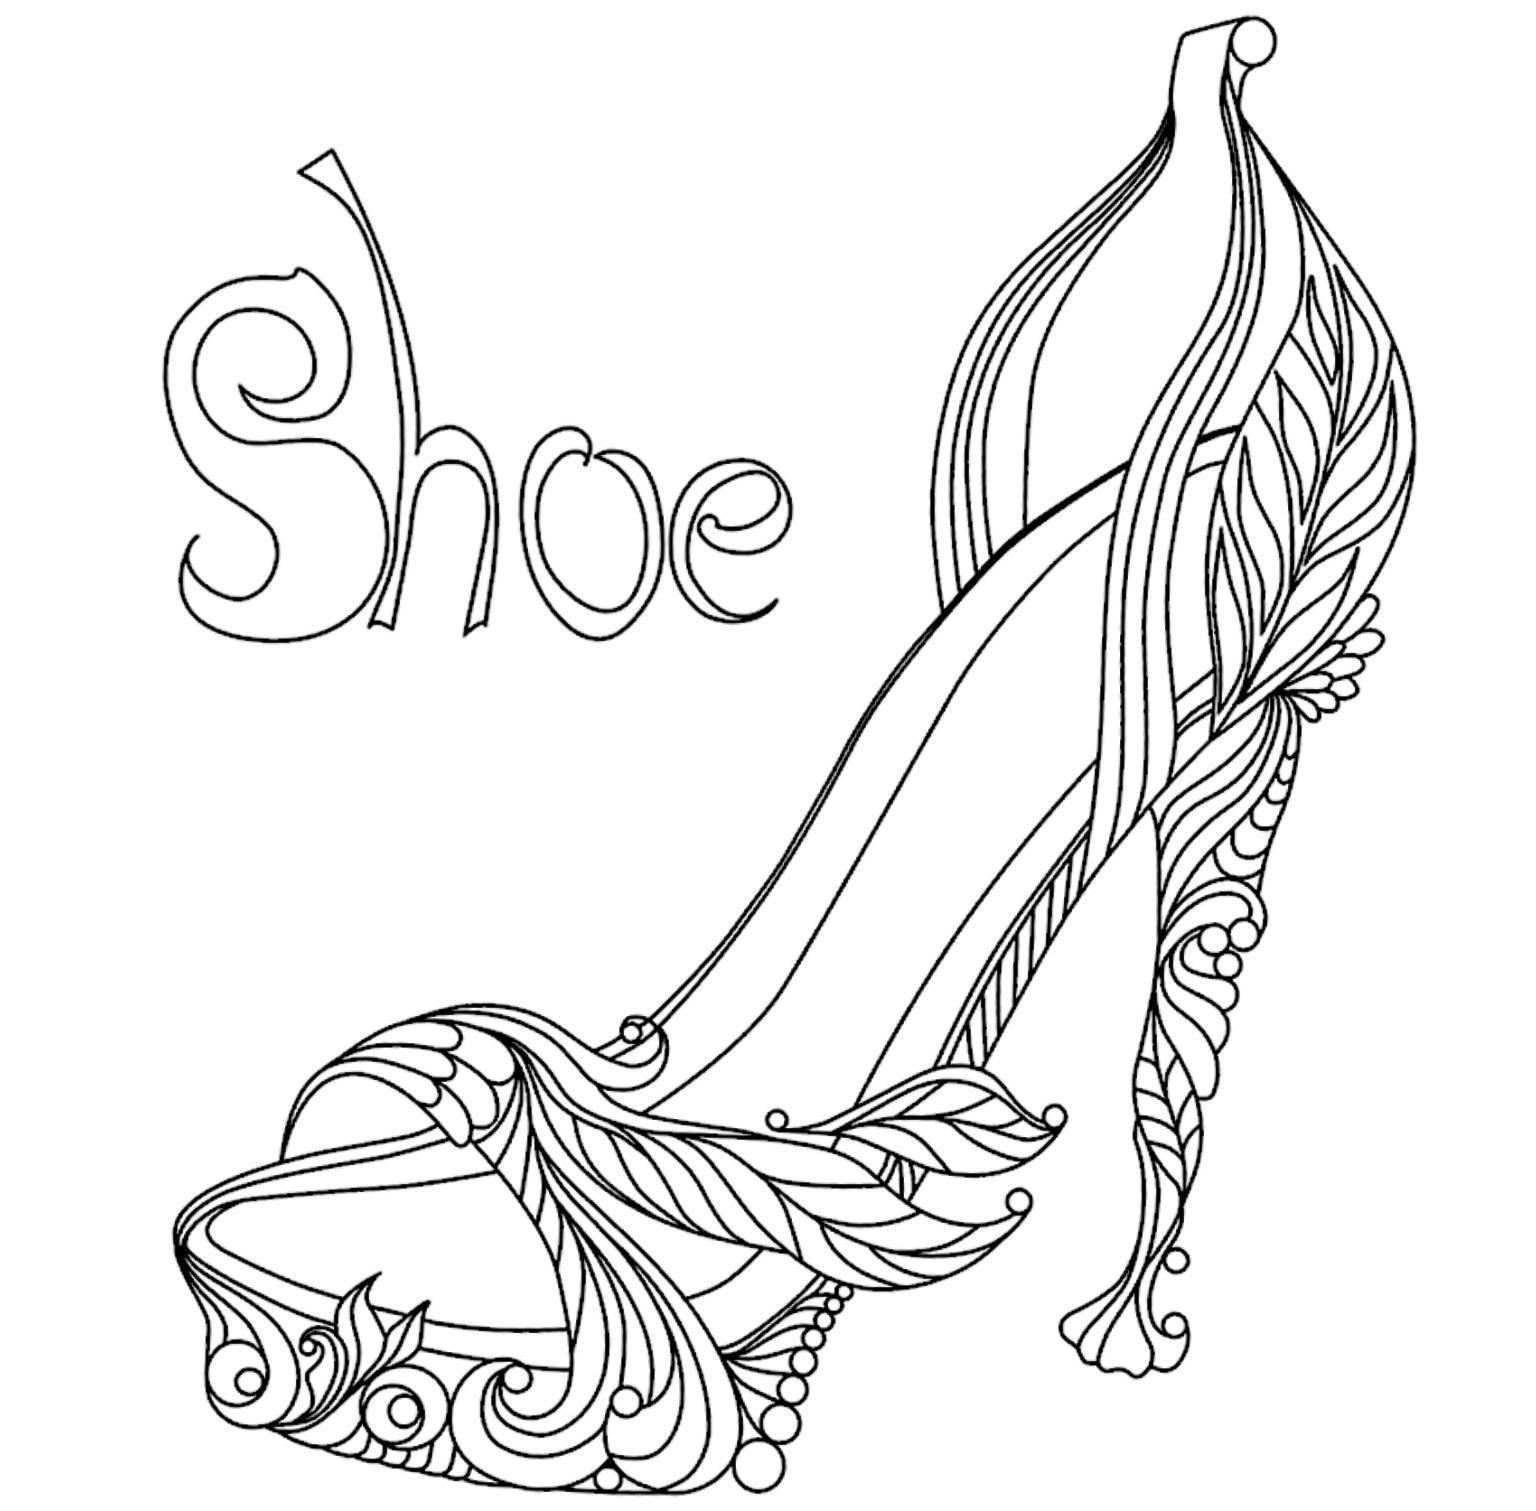 coloring pages shoes printable jordan shoes coloring pages coloring home pages coloring printable shoes